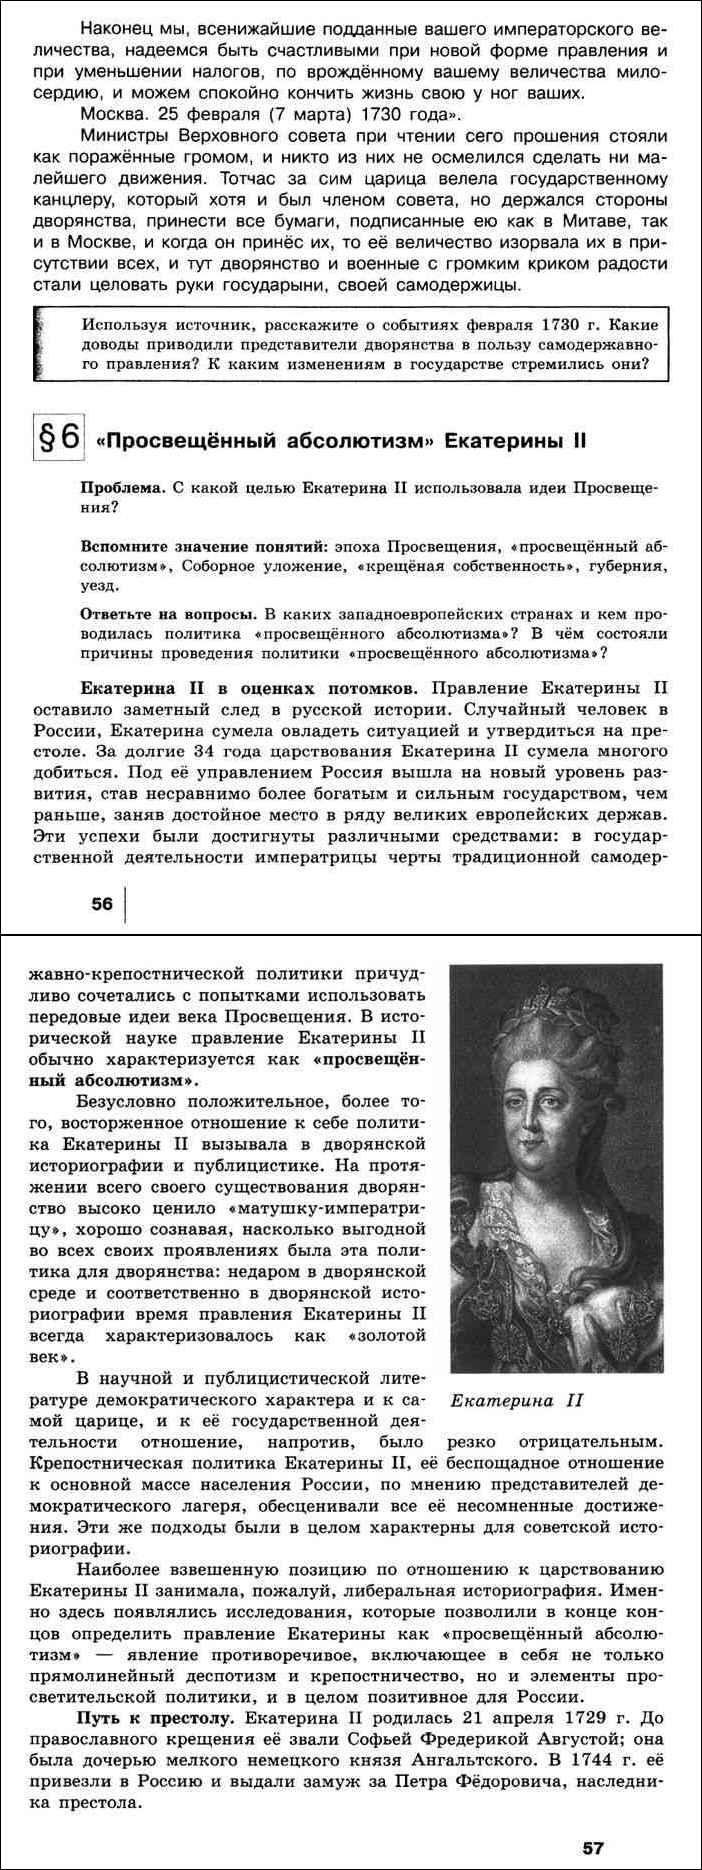 Соборное уложение 1649 г.: история создания, структура и общая характеристика.